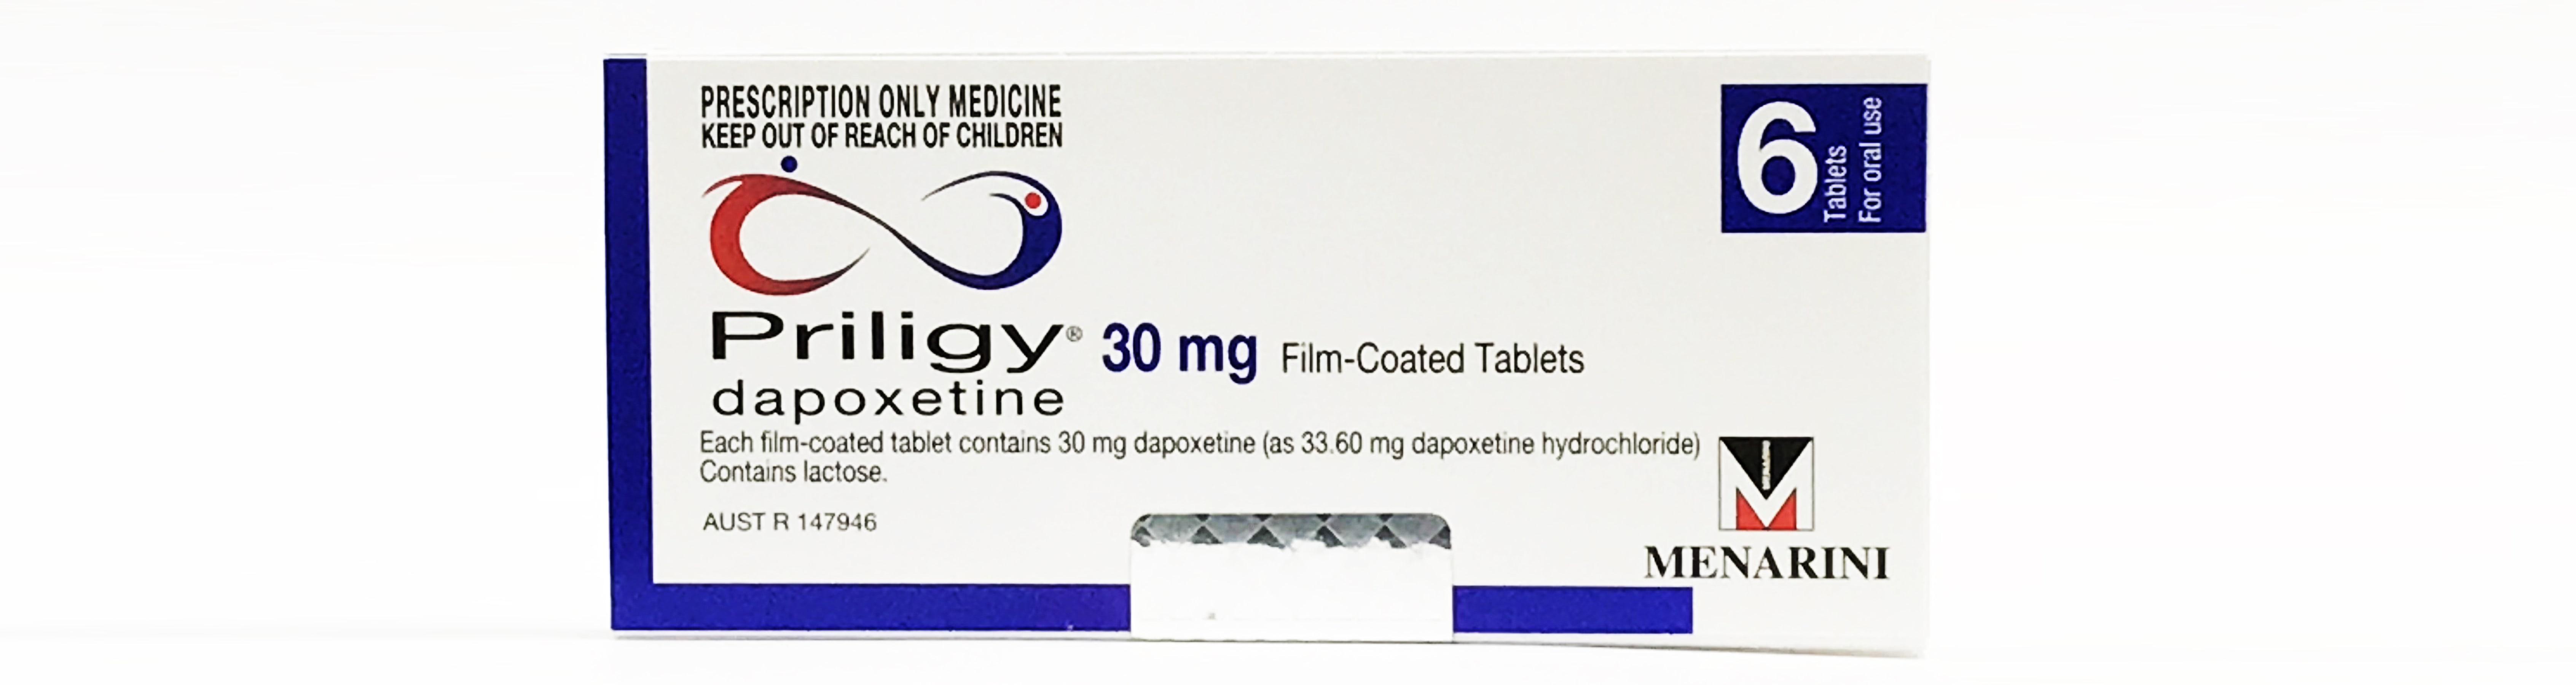 """SSRIs医治""""枣蟹"""",必利劲多长时间见效 并不是实际效果越强越好,超使用说明服药需慎重"""